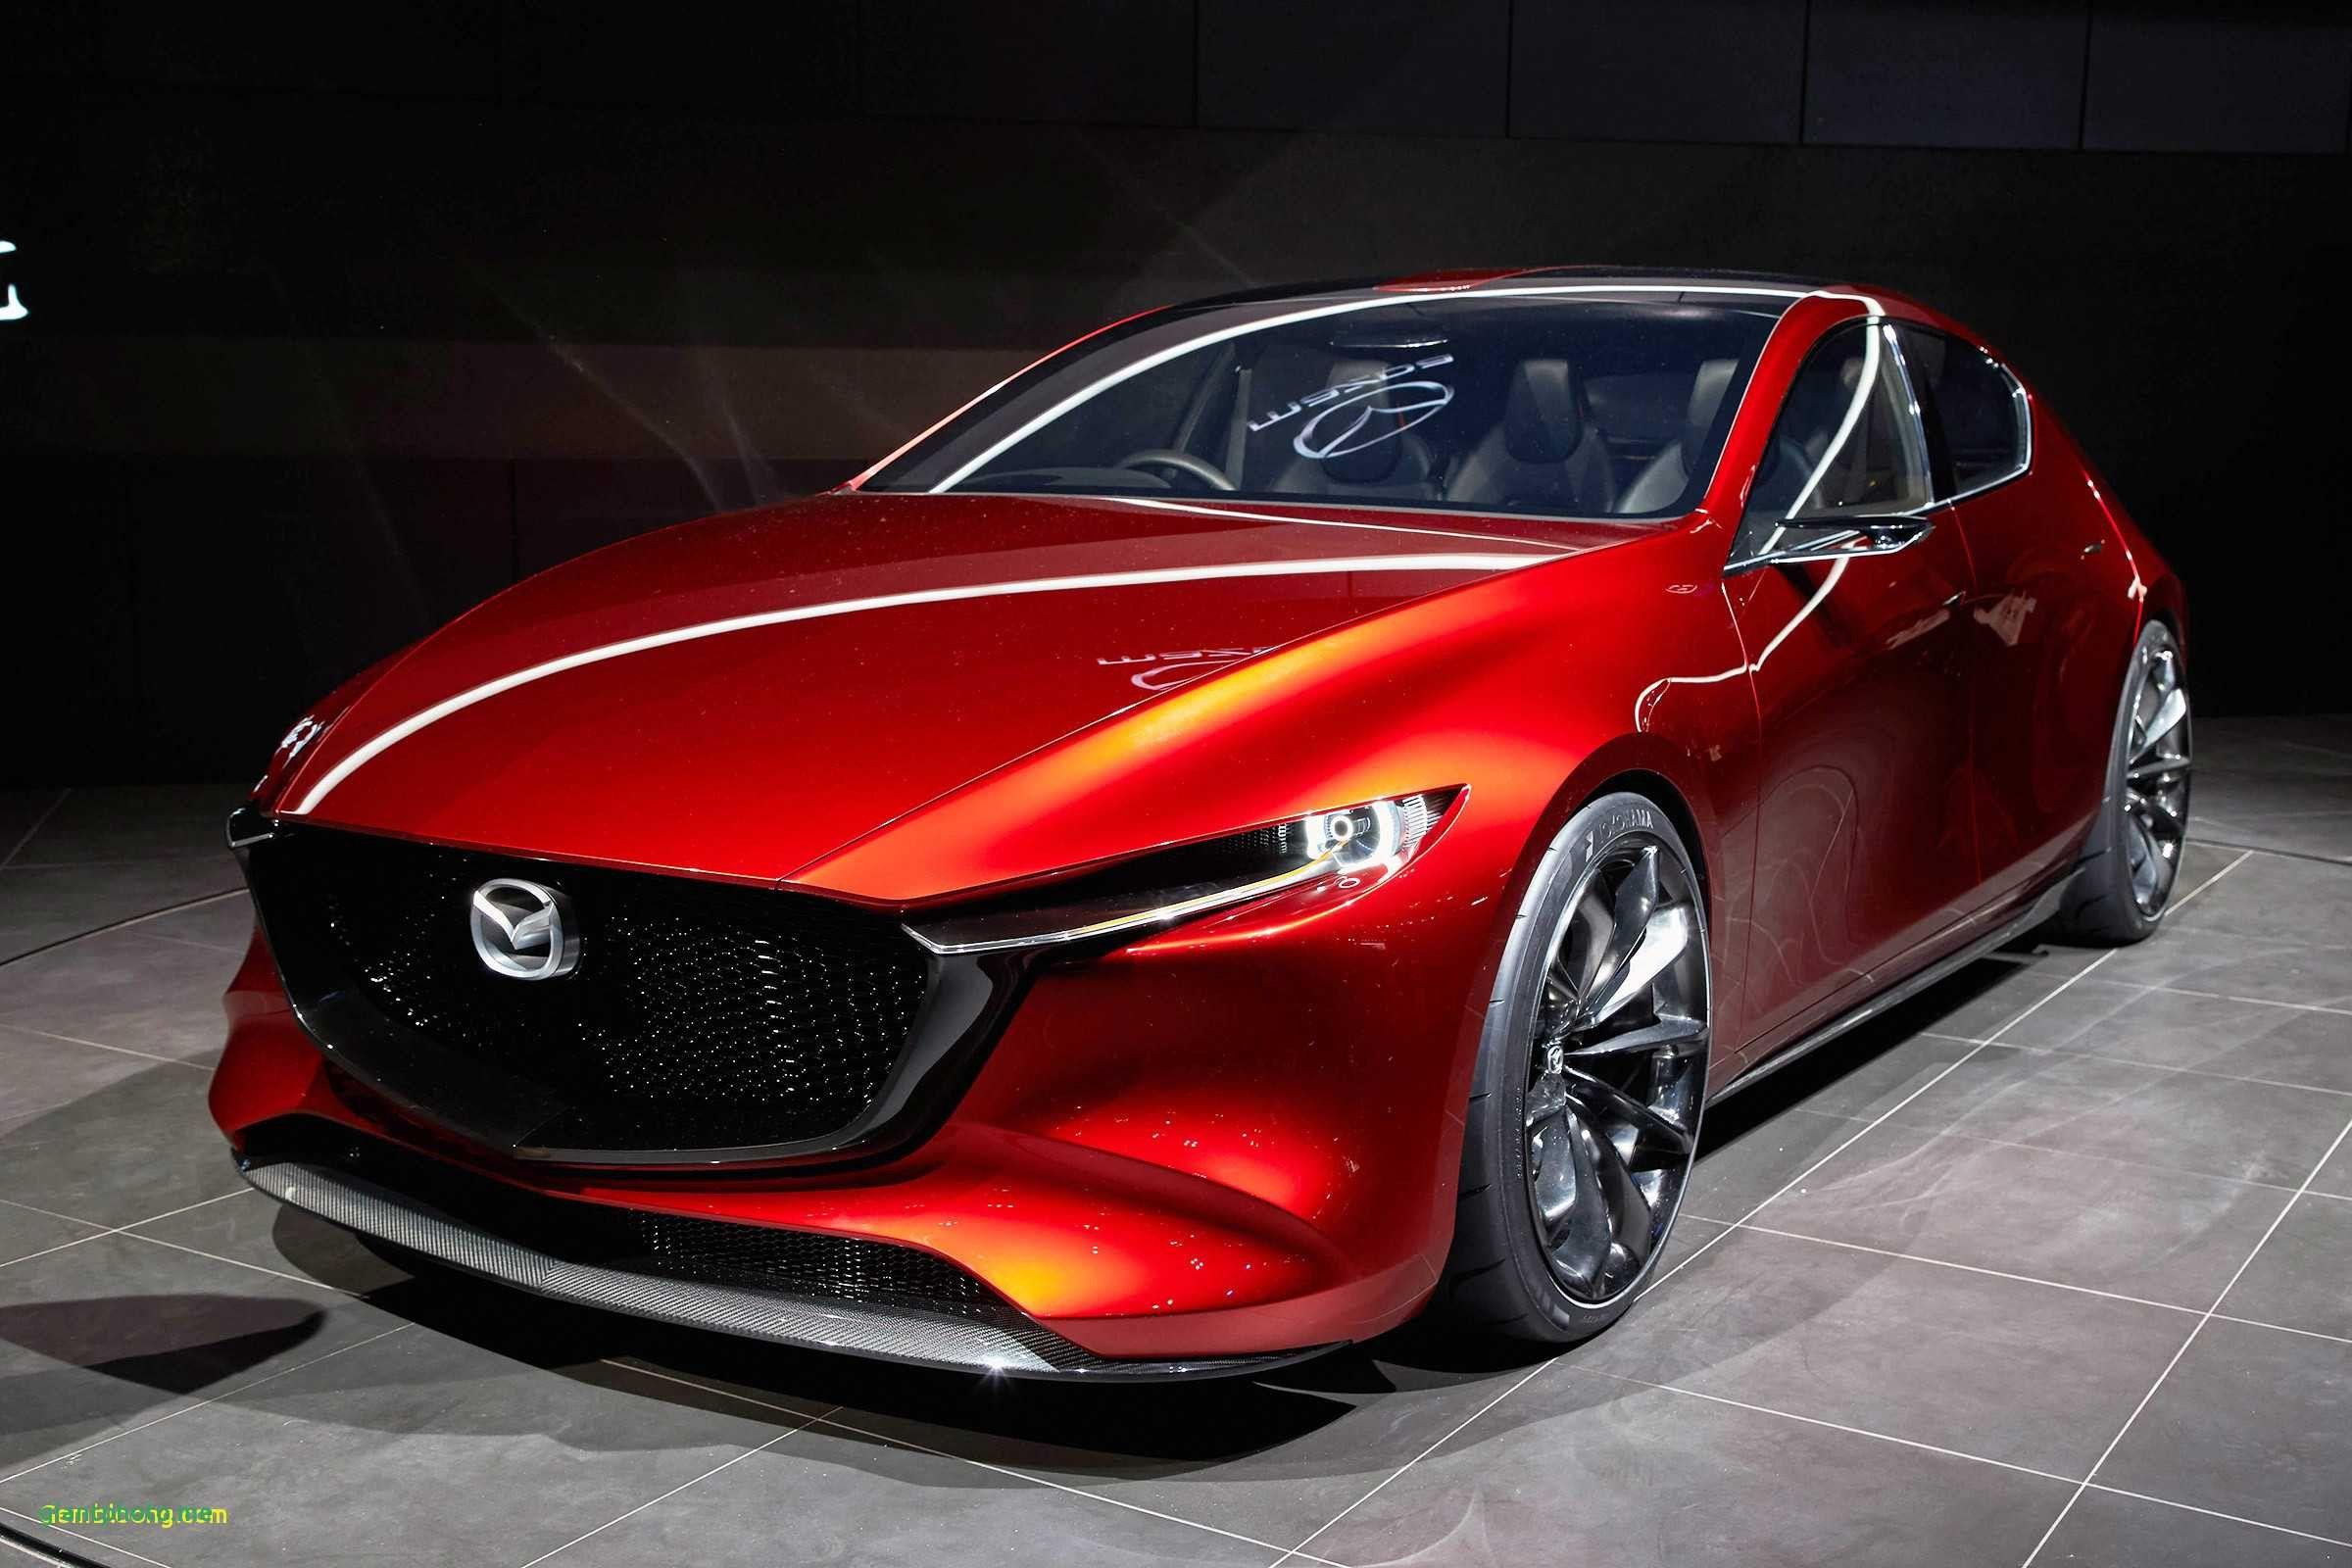 2019 Mazda3 I Touring Spy Shoot Unique 2019 Mazda 3 Hatchback Car Mazda 3 Sedan Mazda Cars Mazda 3 Hatchback